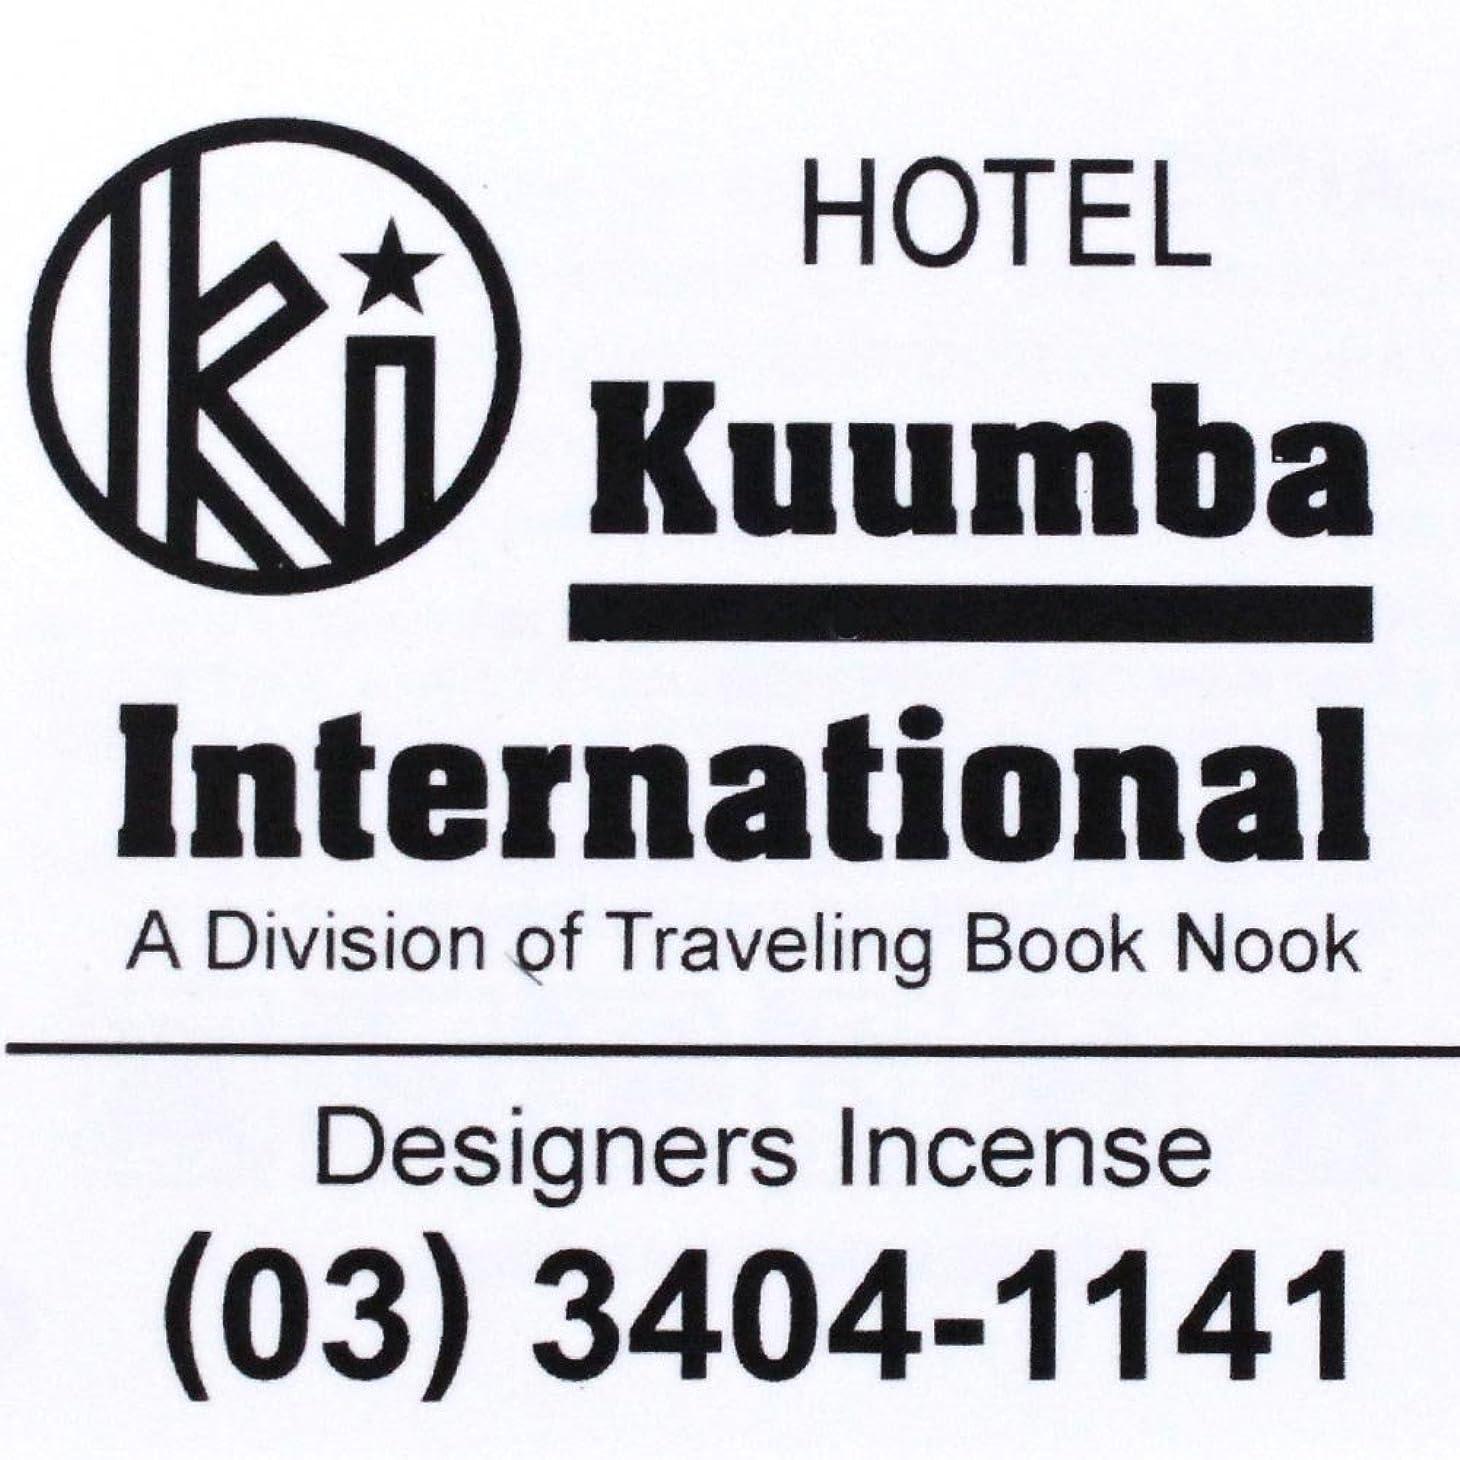 ポスト印象派世代免除する(クンバ) KUUMBA『incense』(HOTEL) (Regular size)